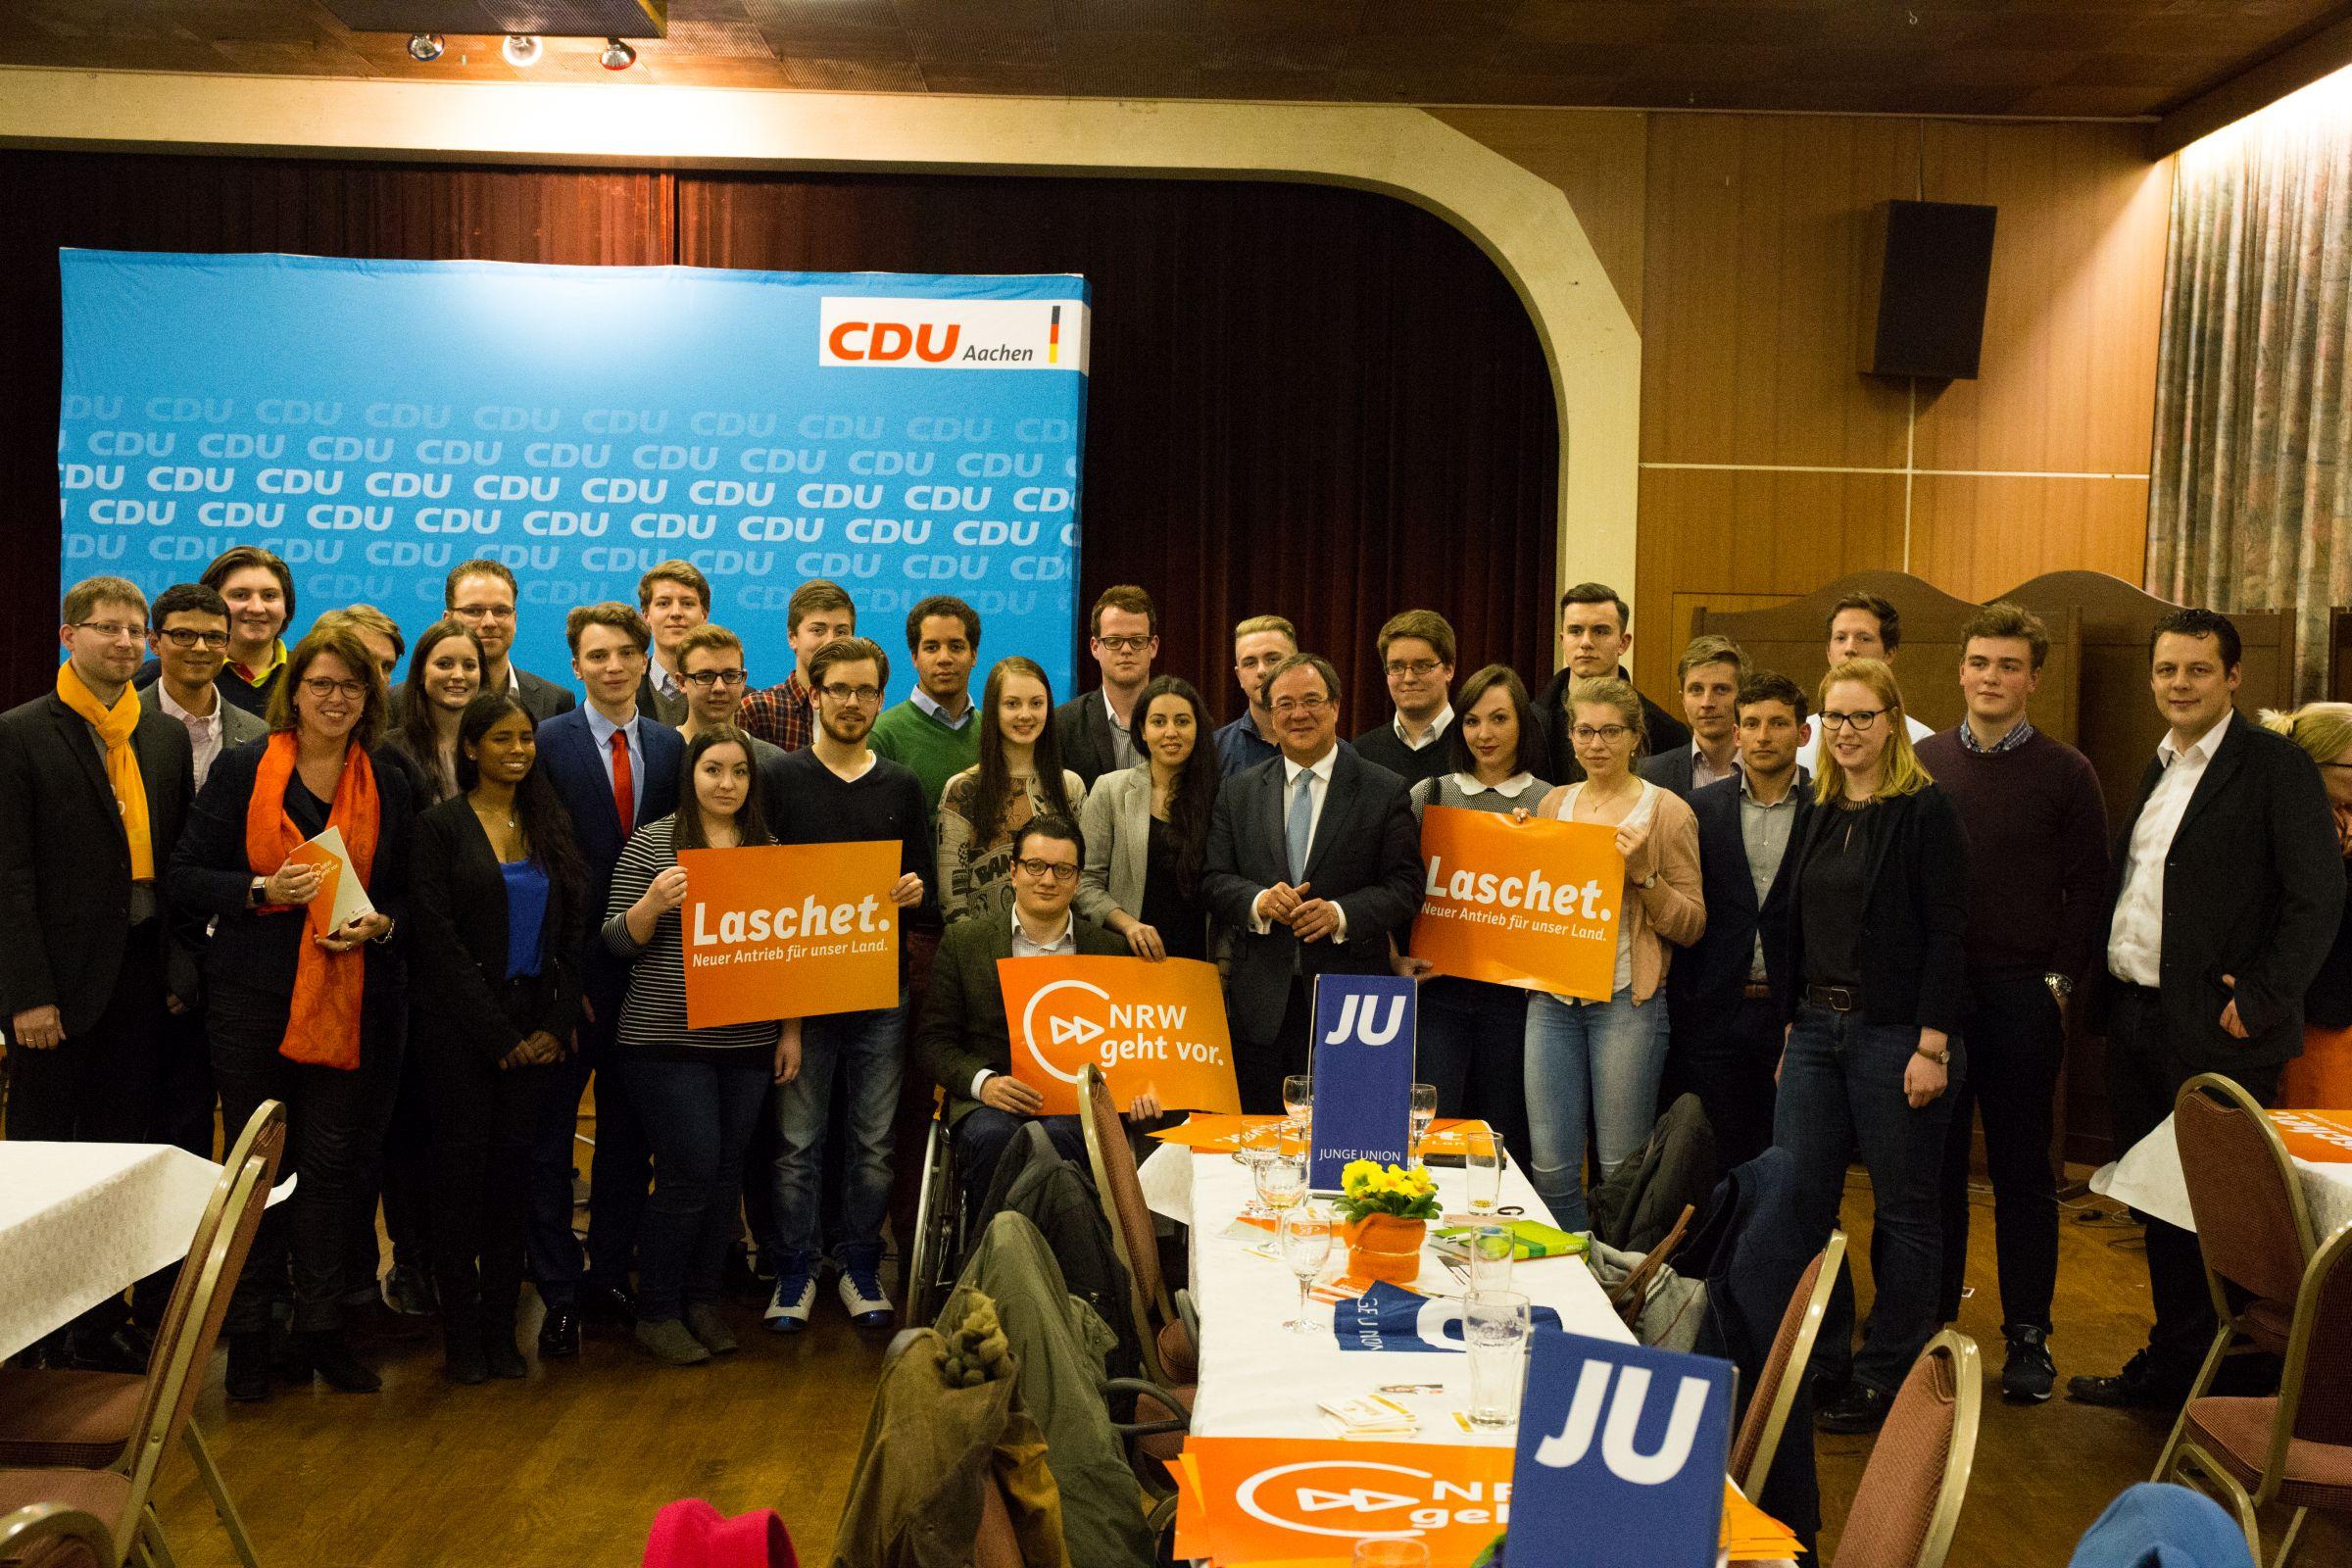 Gruppenfoto Junge Union beim CDU-Kreisparteitag 29.03.2017